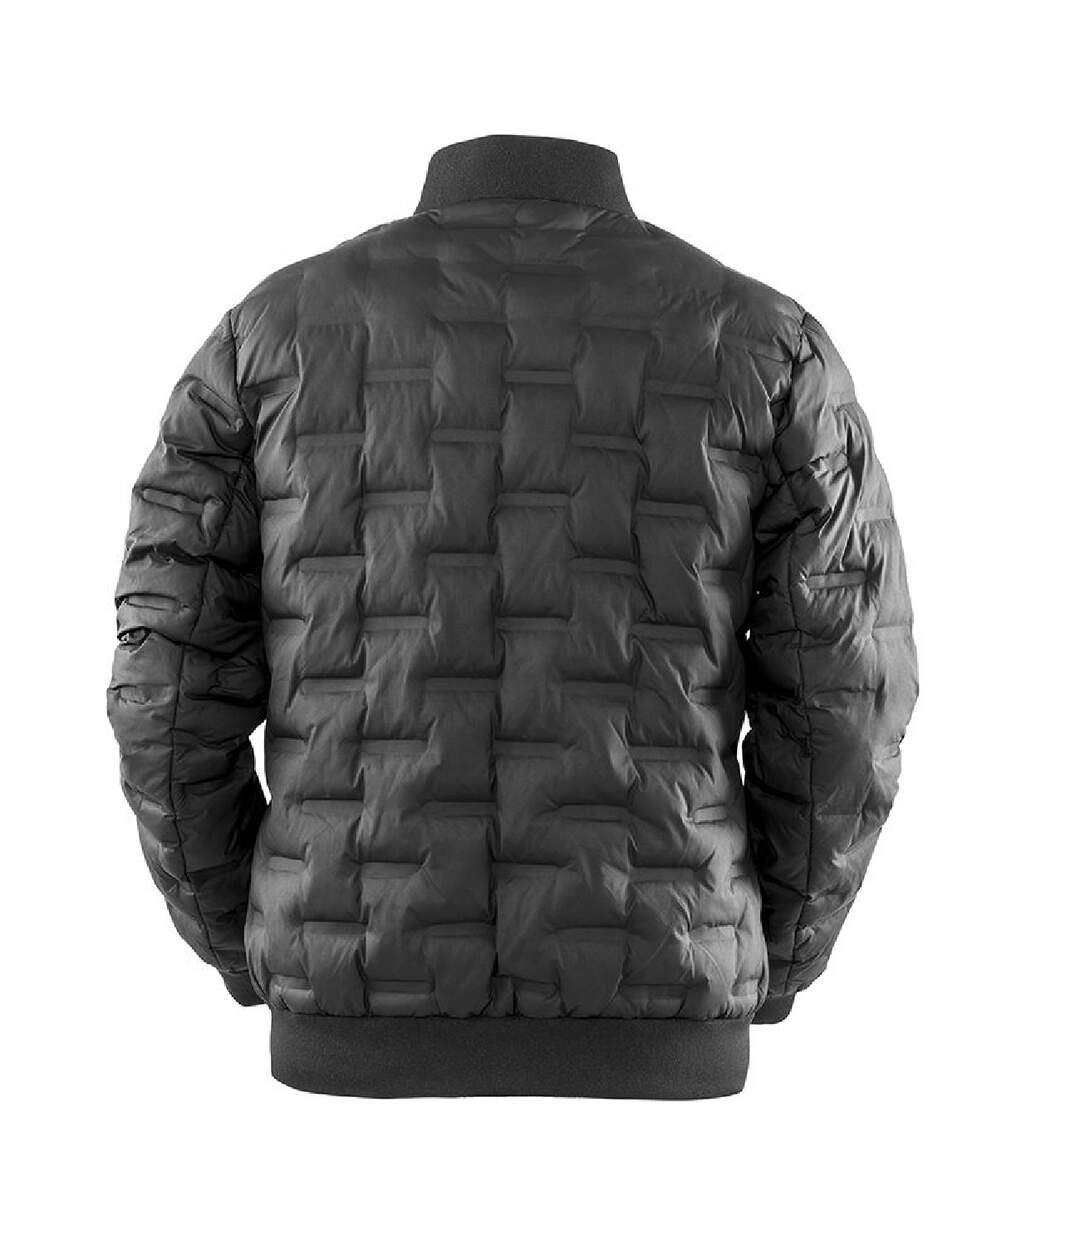 Result Mens Urban Outdoor Ultrasonic Jacket (Black) - UTRW7055